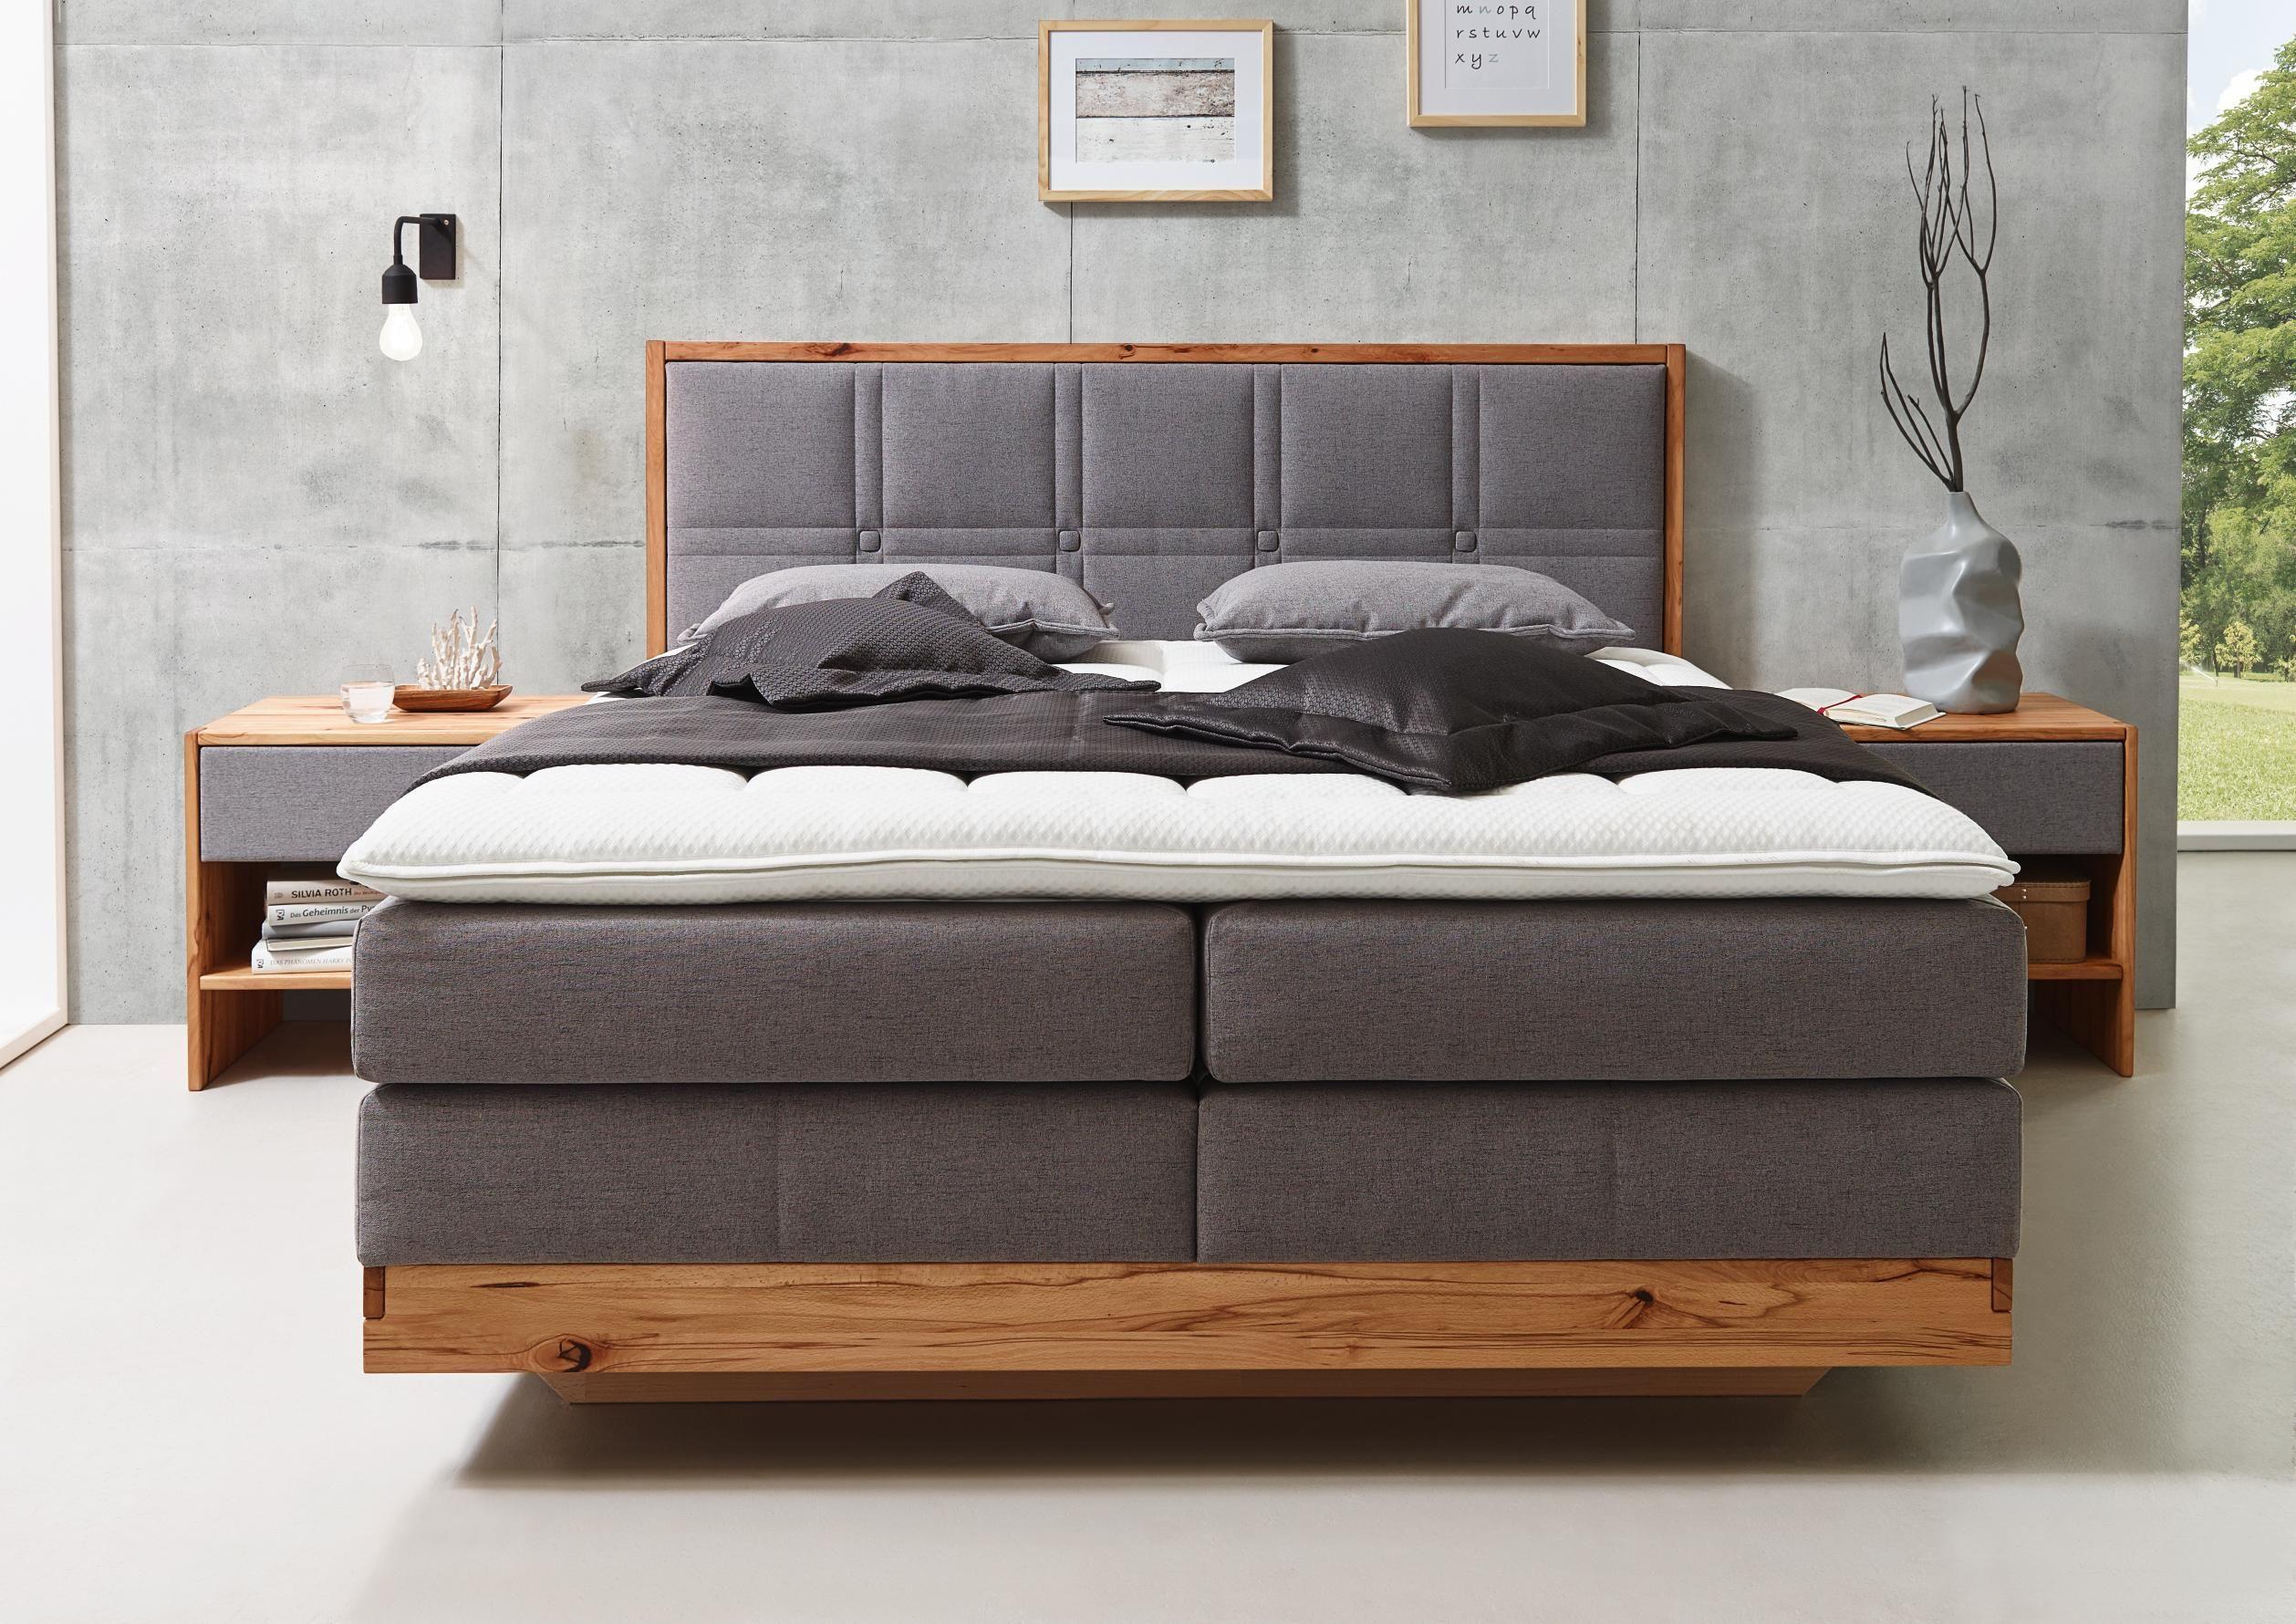 Boxspringbett 180 200 Cm In Grau Buchefarben Online Kaufen Xxxlutz Schlafzimmer Komplettes Schlafzimmer Bett Aus Paletten